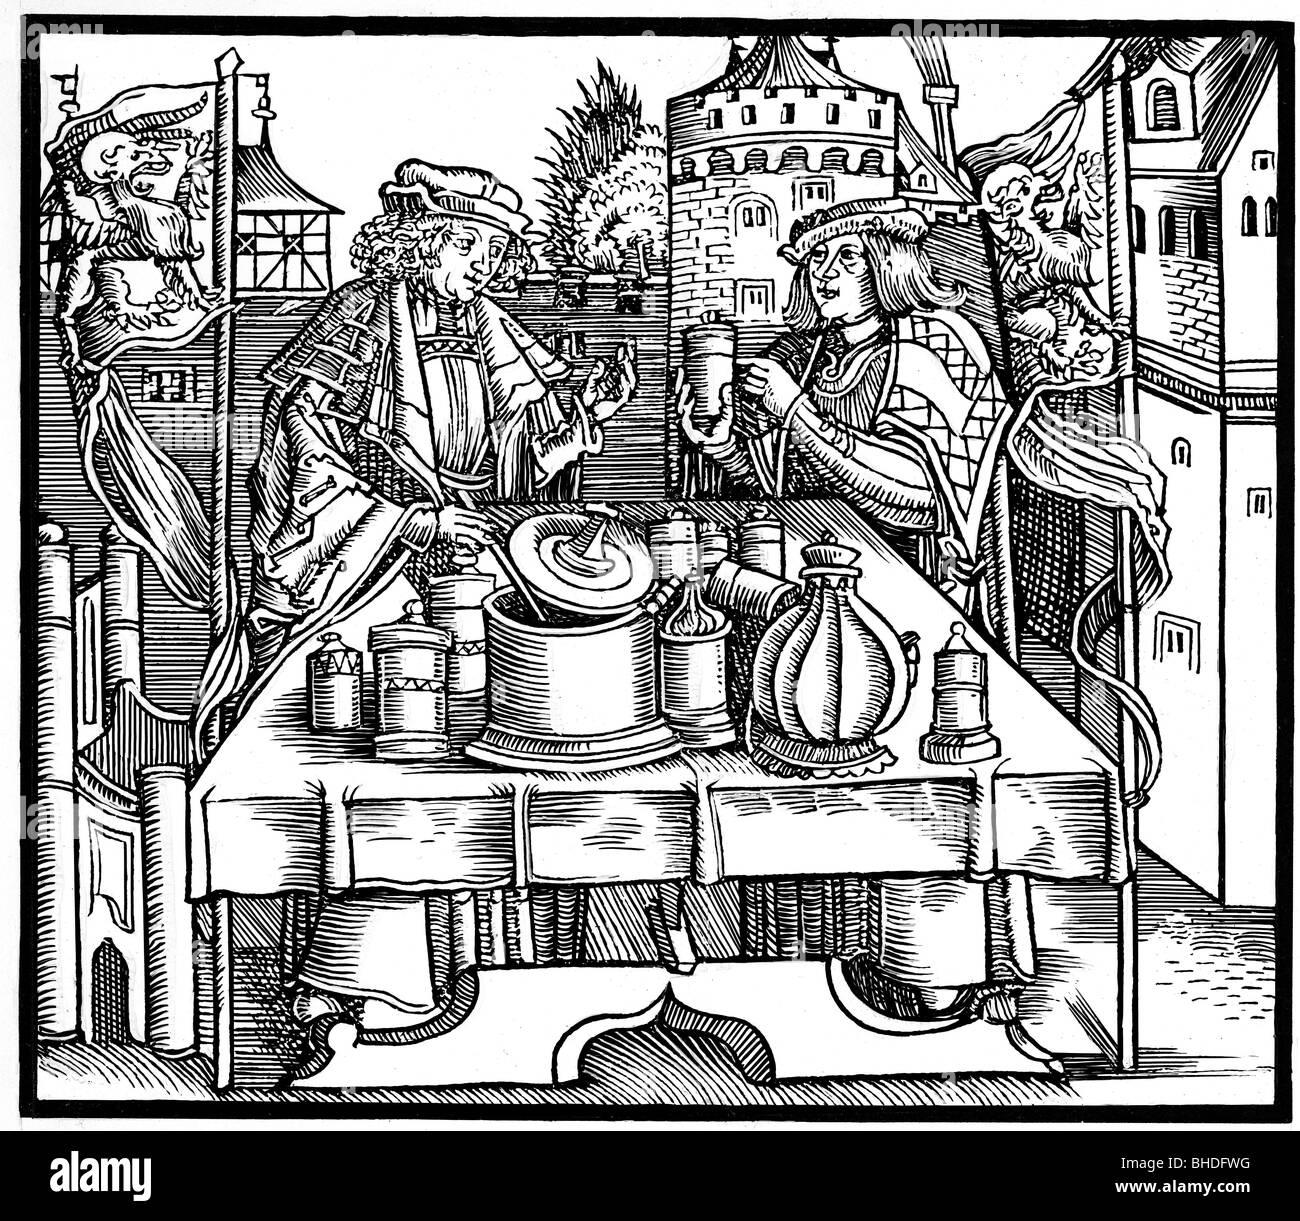 La scienza, alchimia, due alchimisti al lavoro, xilografia, 1500, Additional-Rights-giochi-NA Immagini Stock